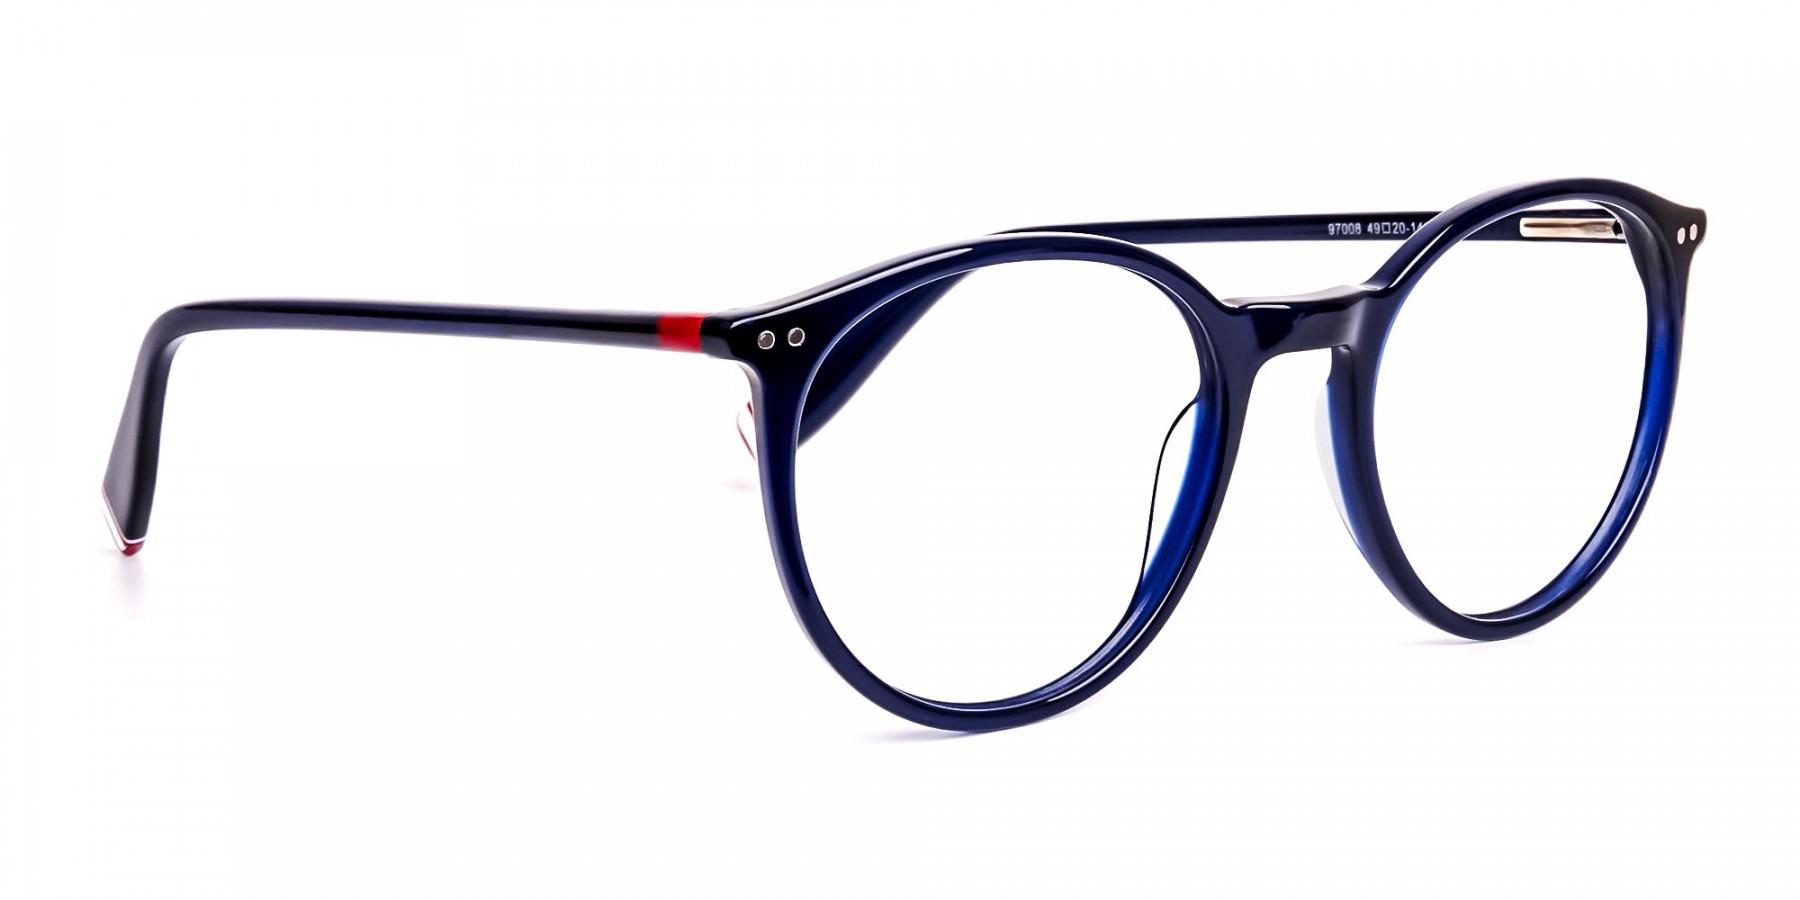 navy-blue-round-shape-full-rim-glasses-1